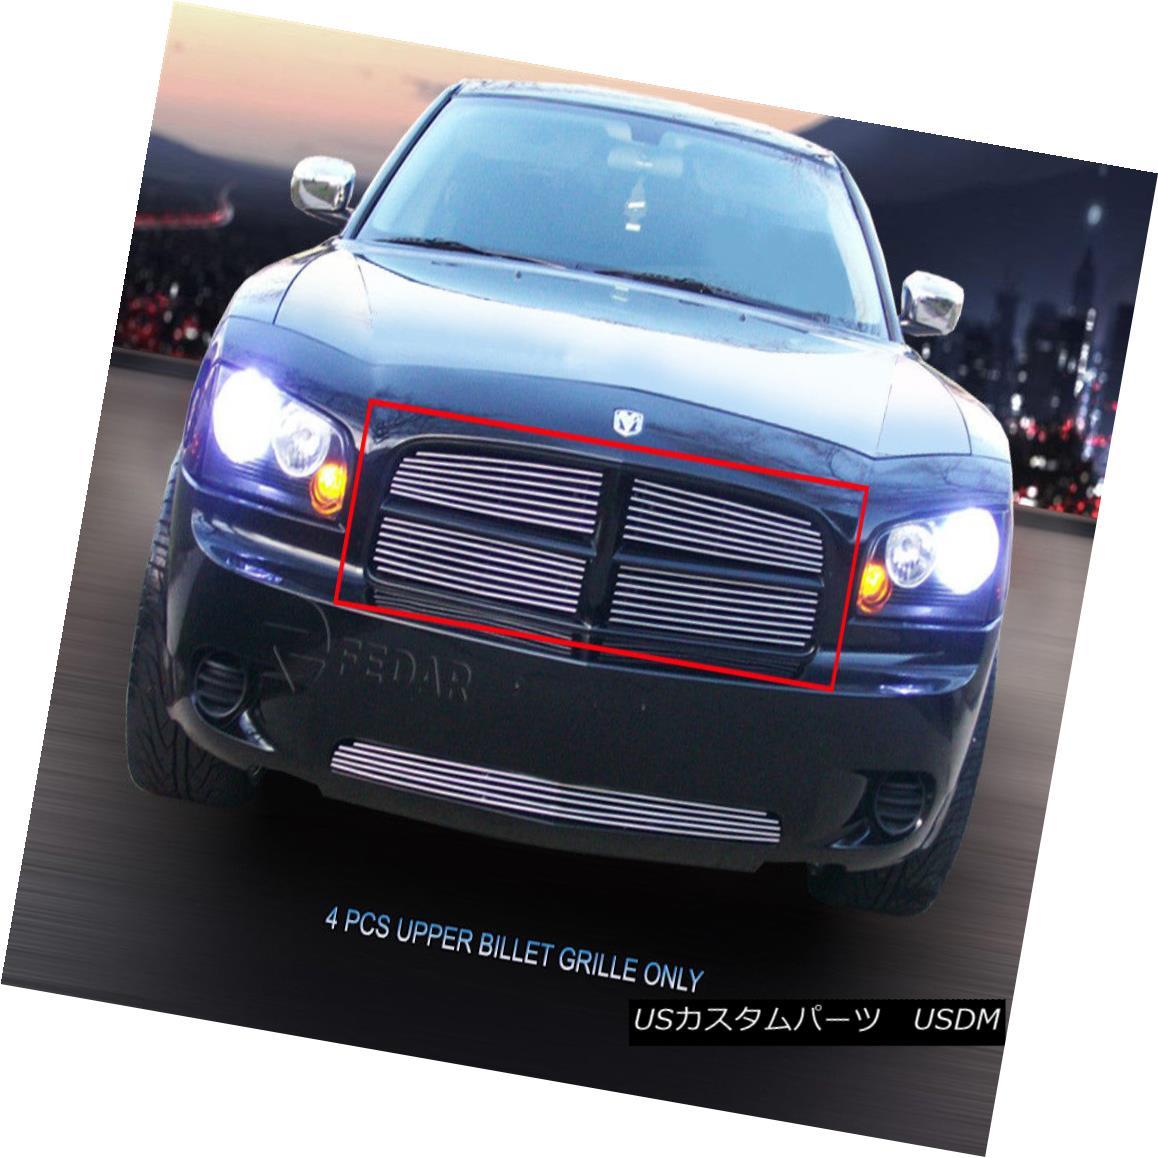 グリル Fedar Fits 2005-2010 Dodge Charger Chrome BoltOn Main Upper Billet Grille Insert Fedarフィット2005-2010ダッジチャージャーChrome BoltOnメインアッパービレットグリルインサート